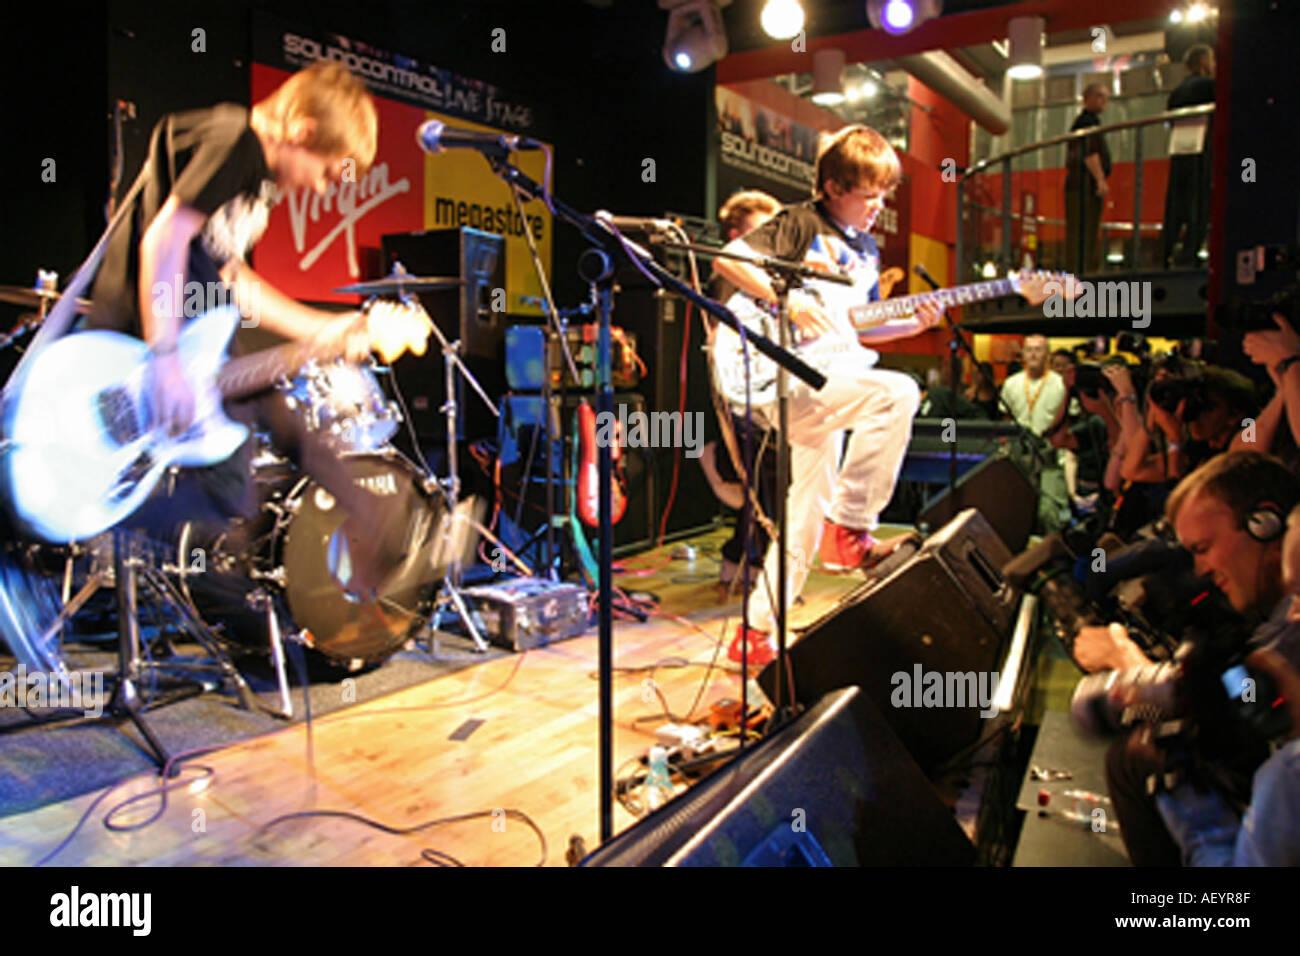 Ritorto banda del Regno Unito nel mese di agosto 2005 Immagini Stock